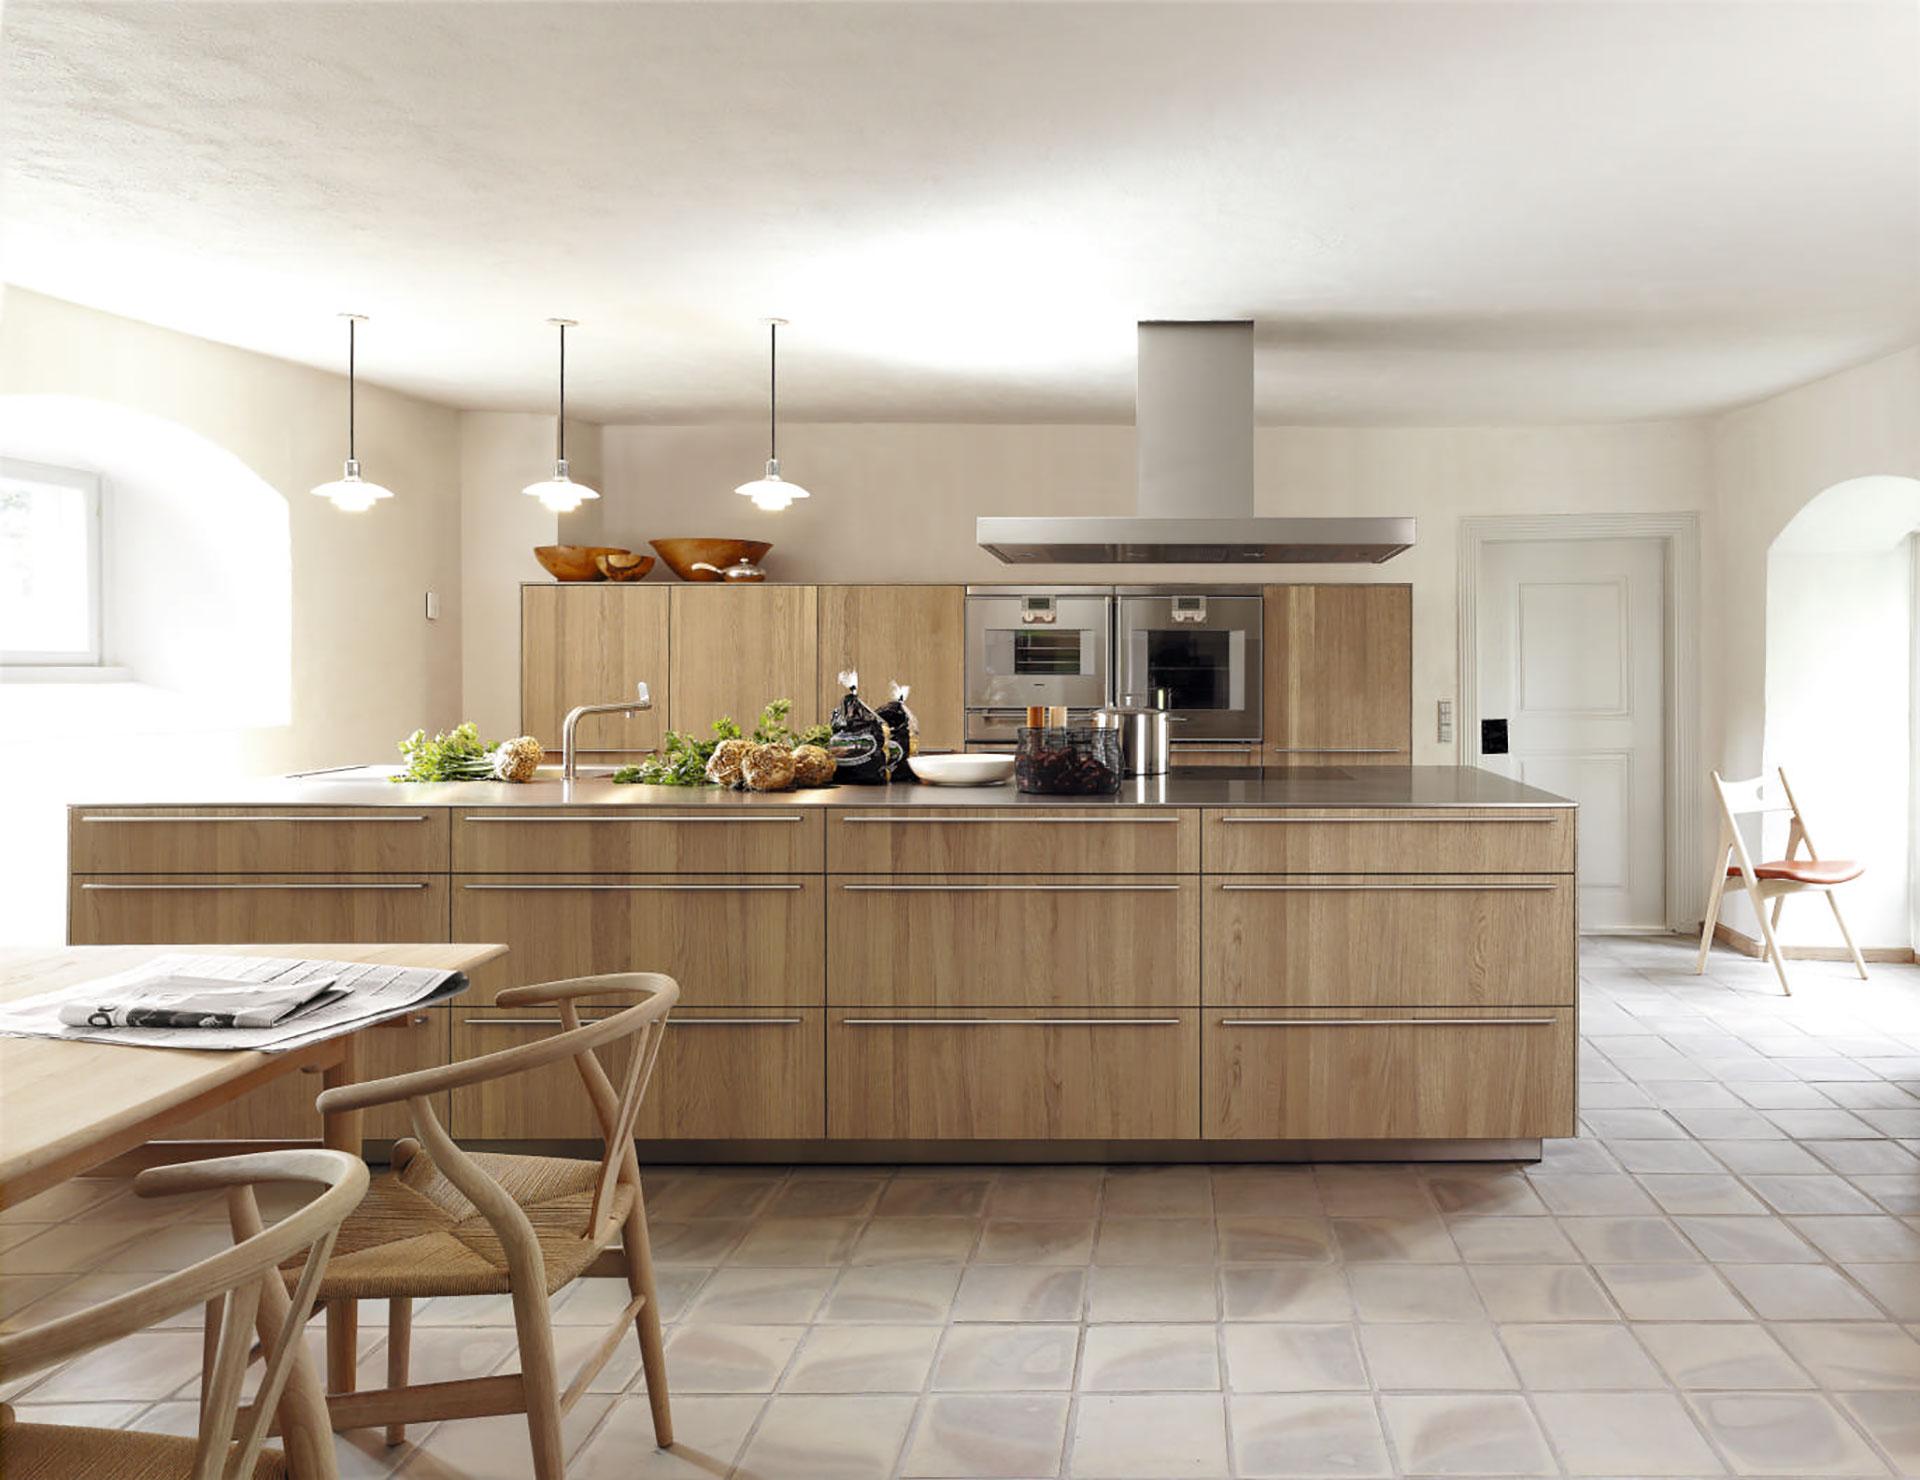 Bulthaup scottsdale authorized bulthaup partner - Cuisine en bois nature et decouverte ...